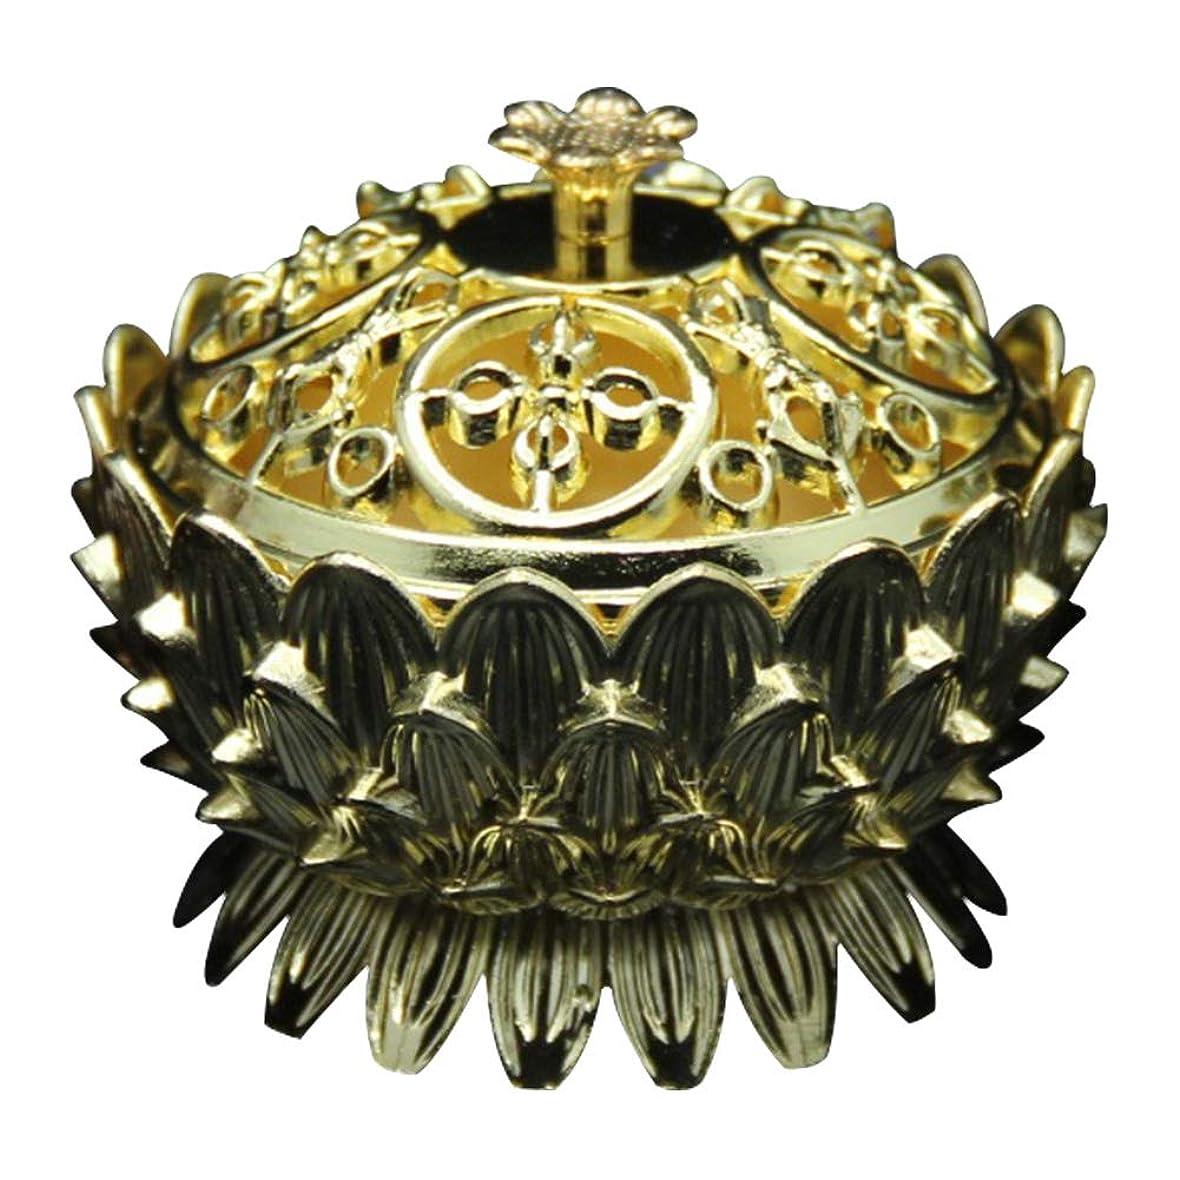 はい静脈肌寒いRetro Zinc Copper Alloy Bronze Incense Burner Home Decor Mini Lotus Tibet Incense Burner Holder Fit for Stick Cone Coil Incense(Gold)